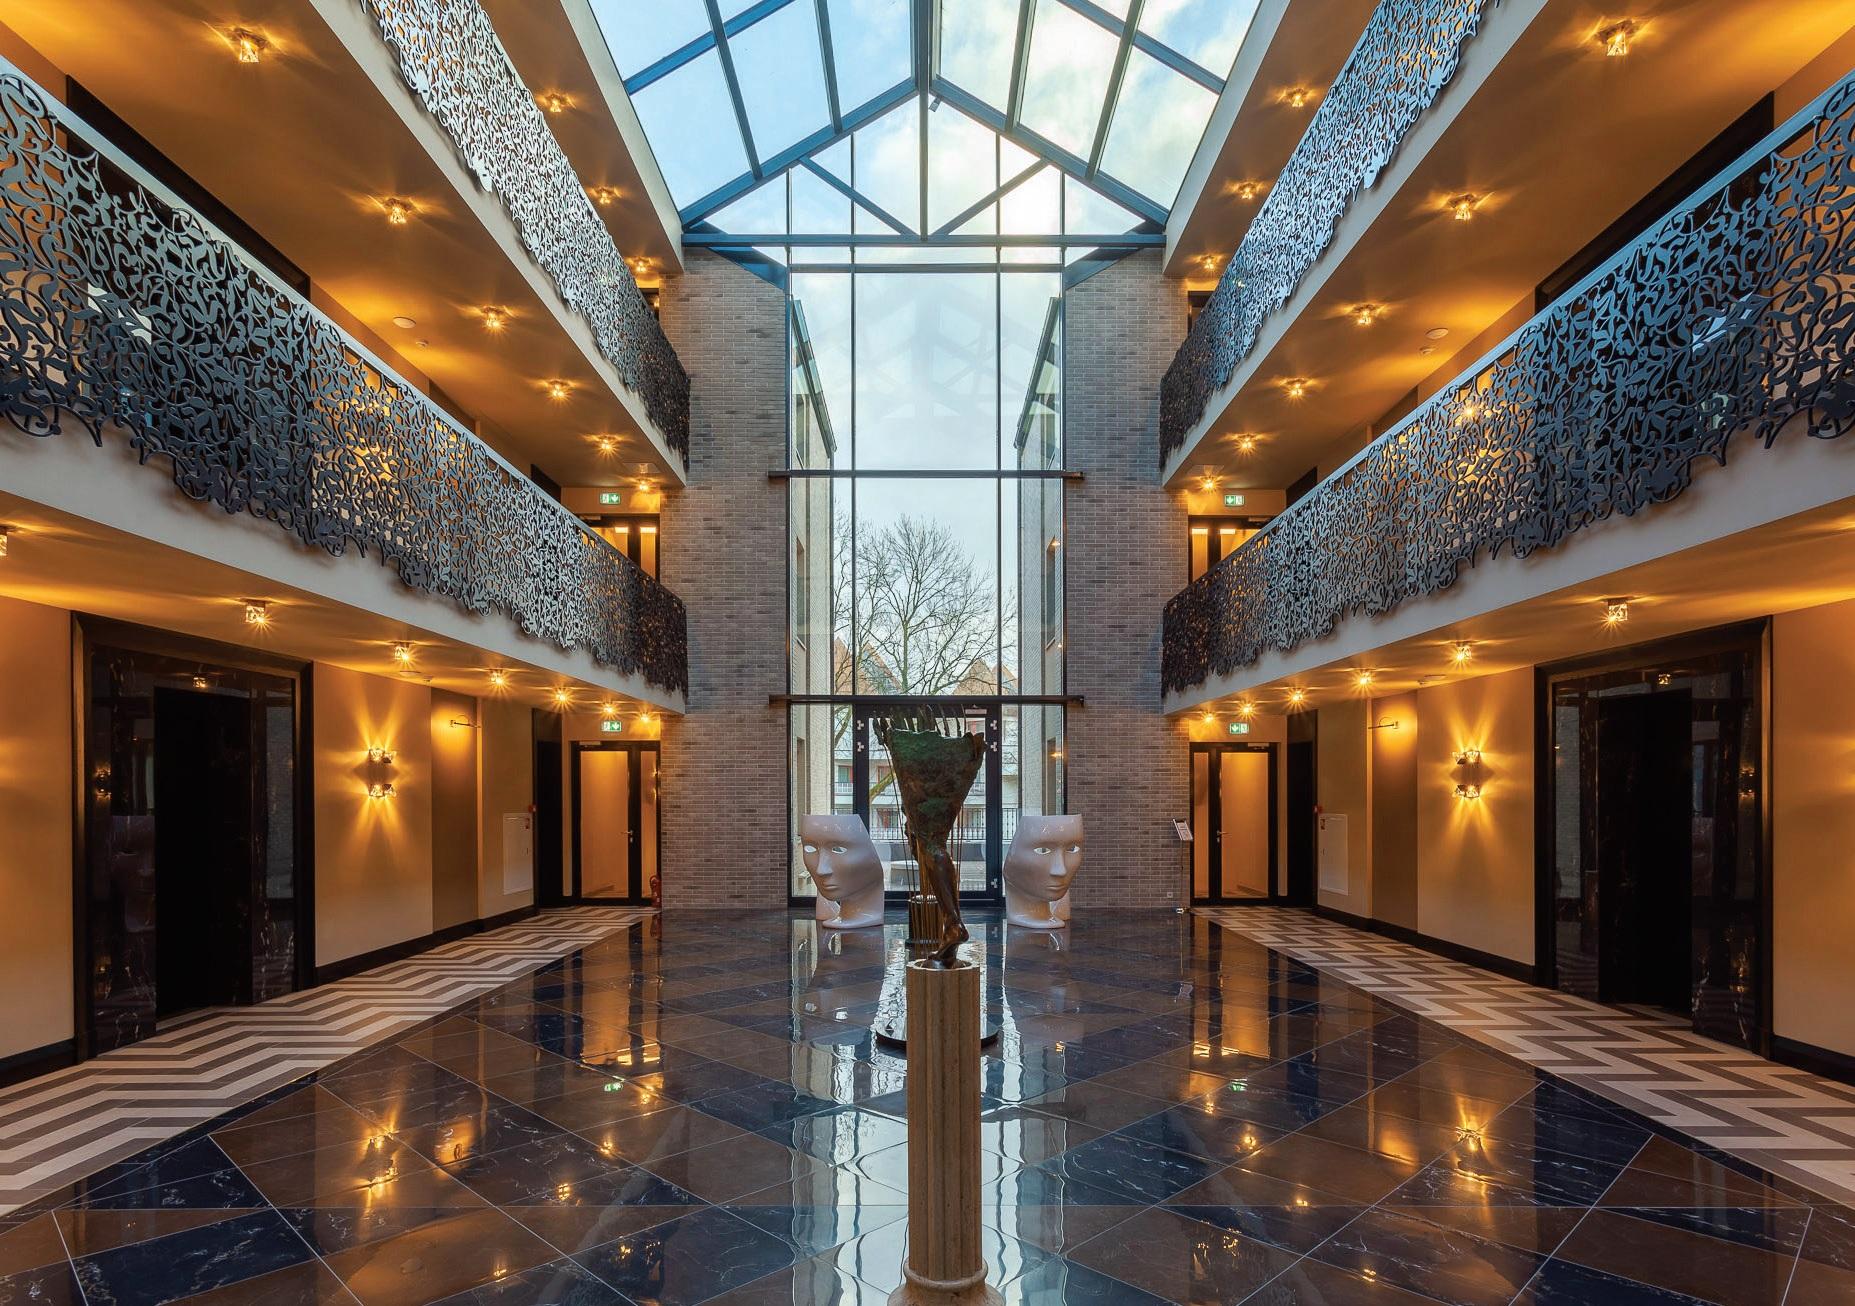 Bene įspūdingiausia viešbučio erdvė – atriumas, kurio didžioji puošmena – lietuvių meistrų lazeriu raižyta metalo tvorelė